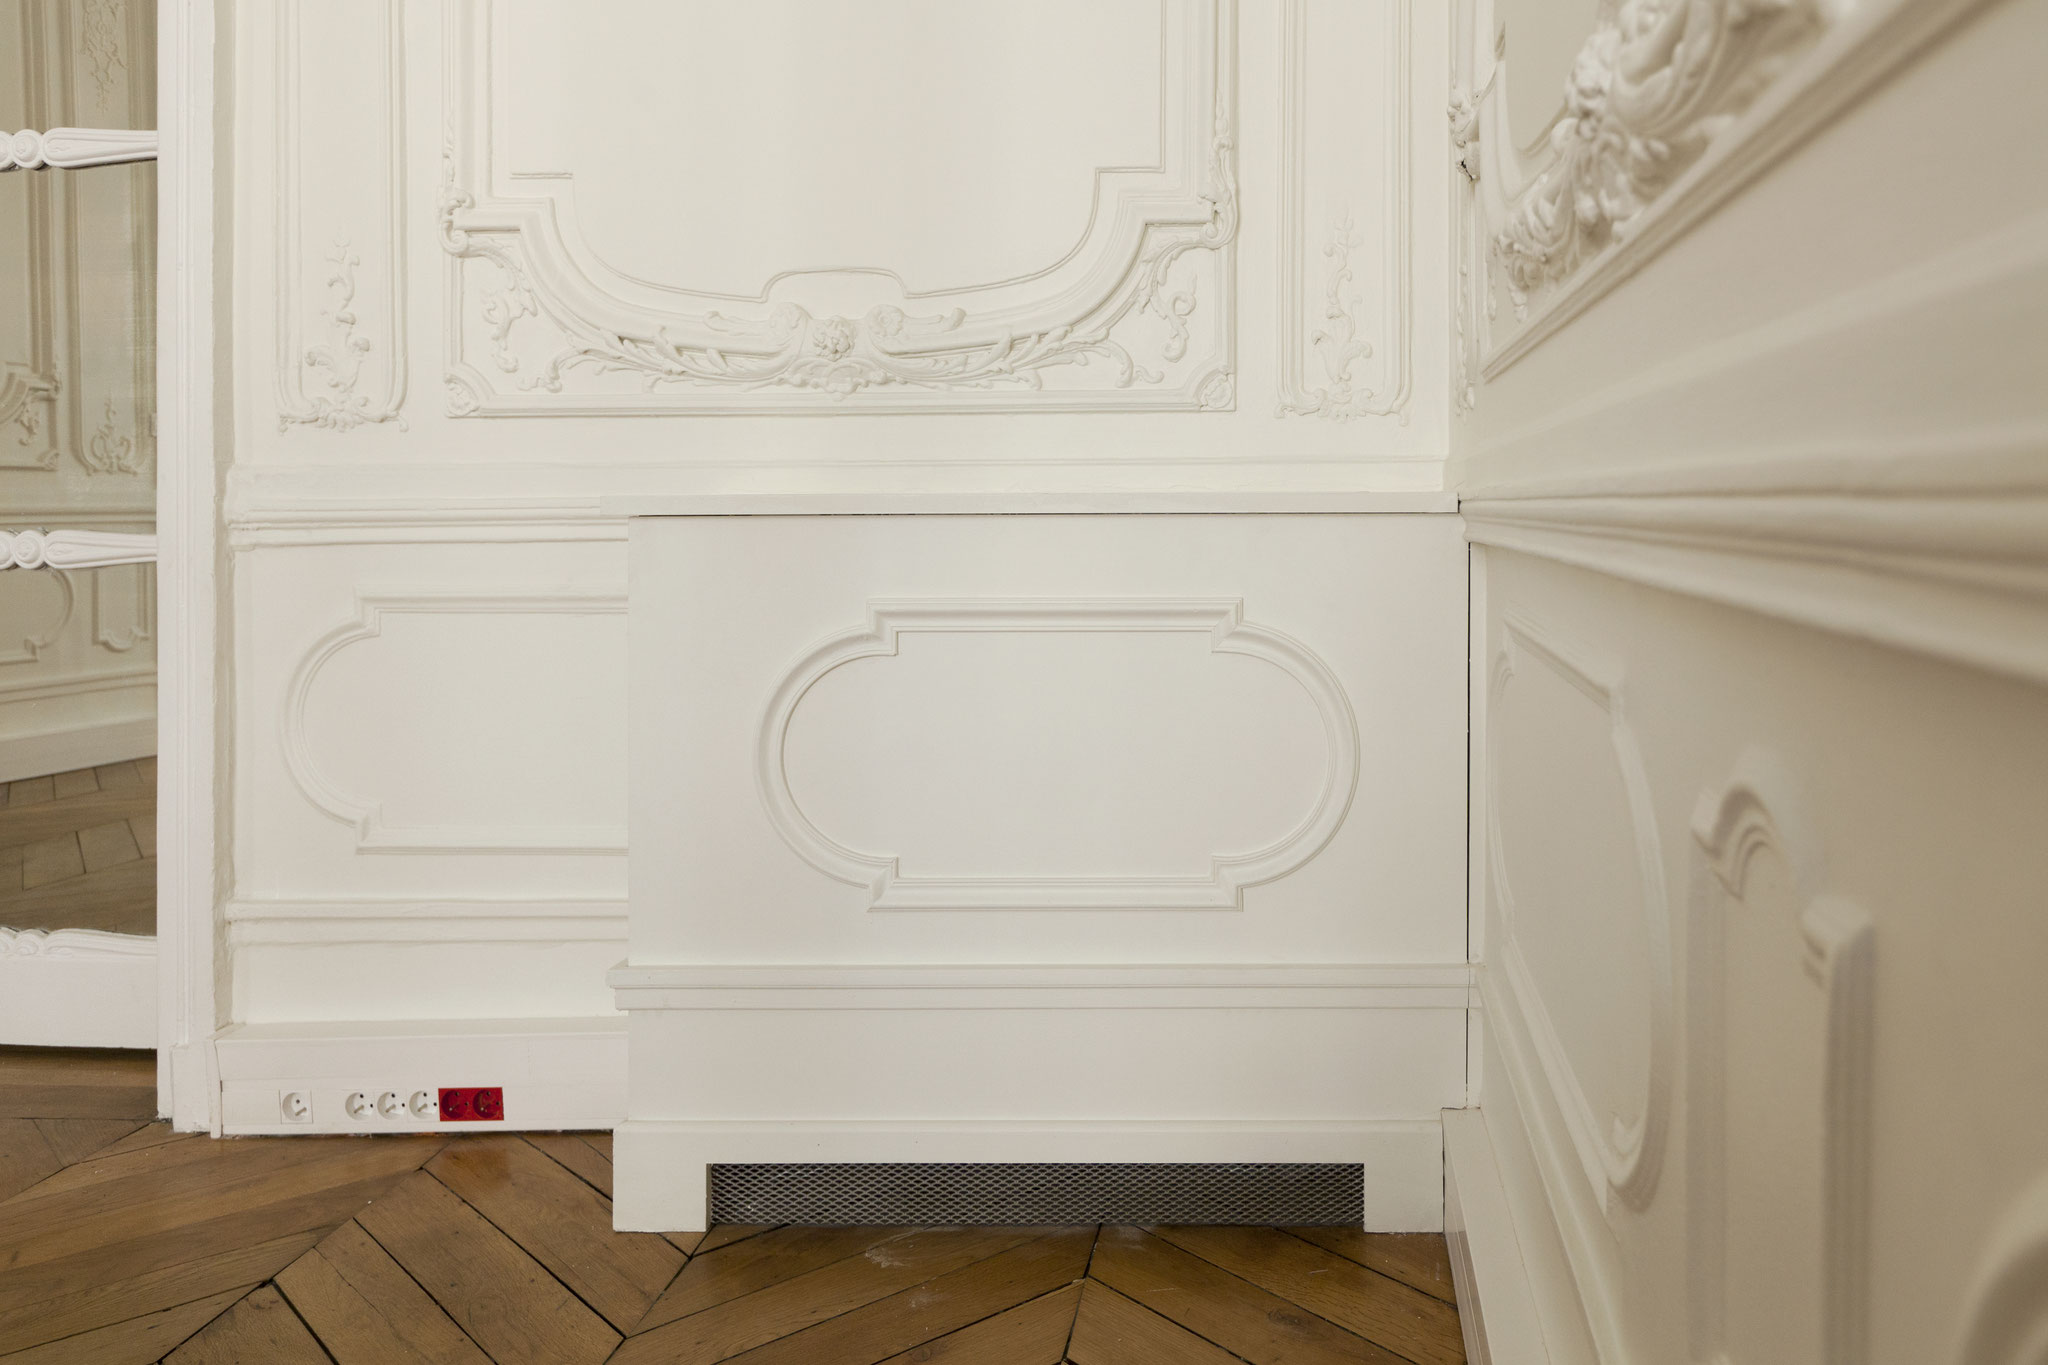 Unité intérieure de climatisation en console, rue de la Bienfaisance Paris